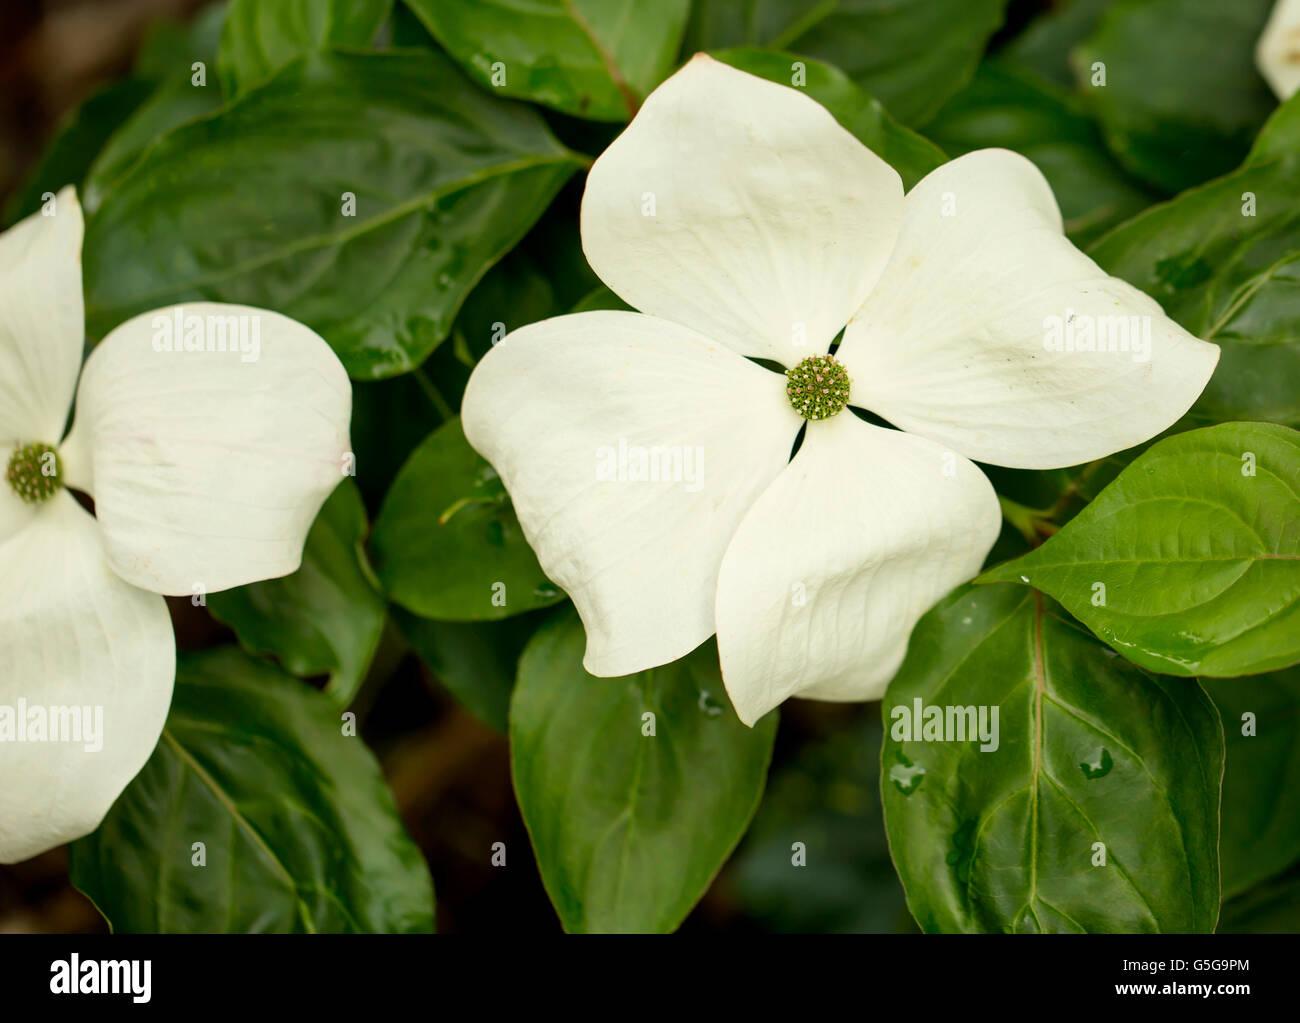 White Flower Cornus Venus Is A White Flower That Grows In Gardens